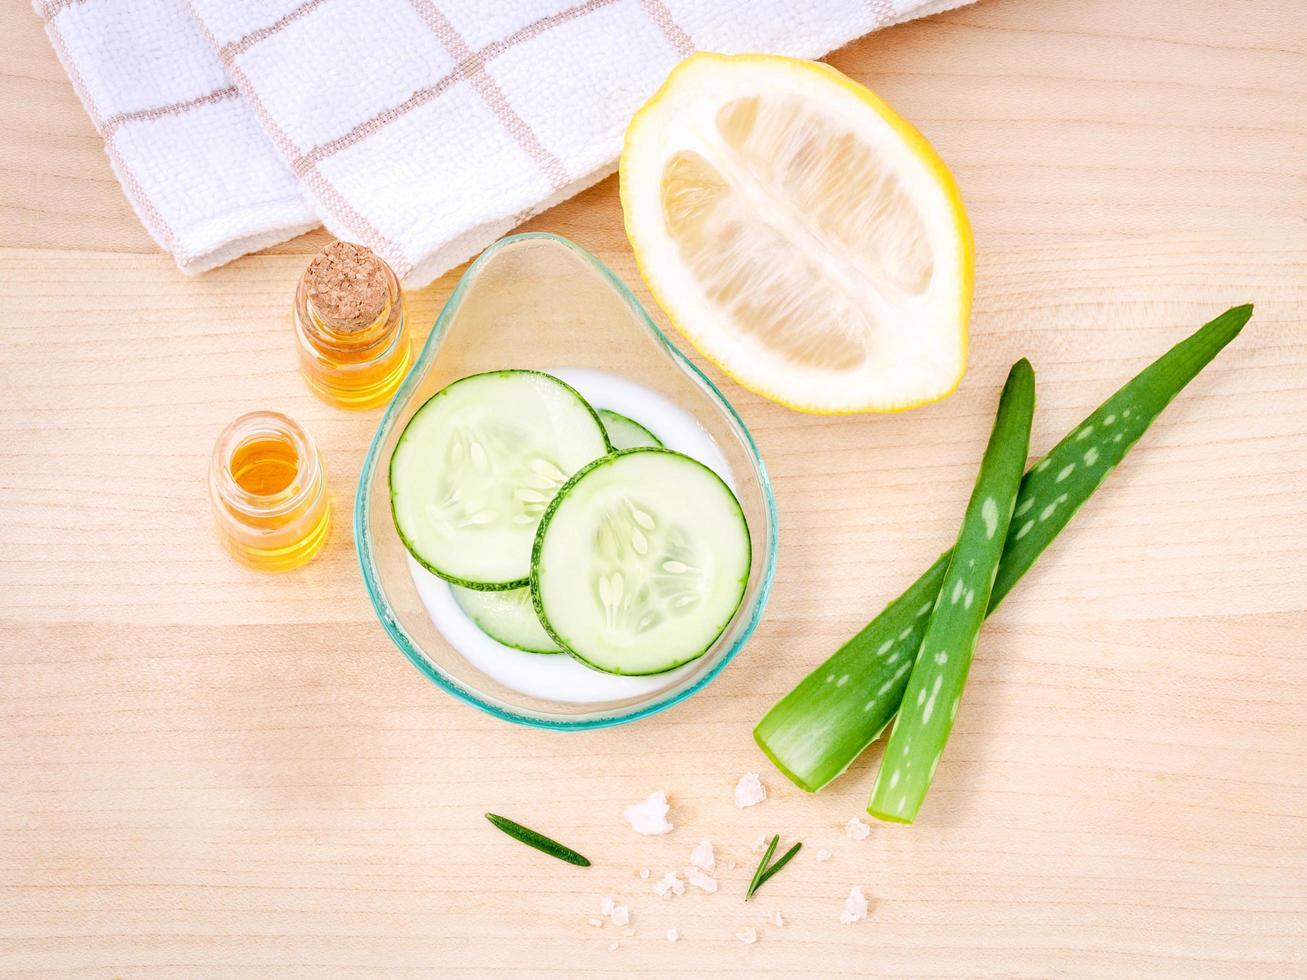 soins de la peau faits maison à l'aloe vera, citron, concombre, sel de mer et miel photo